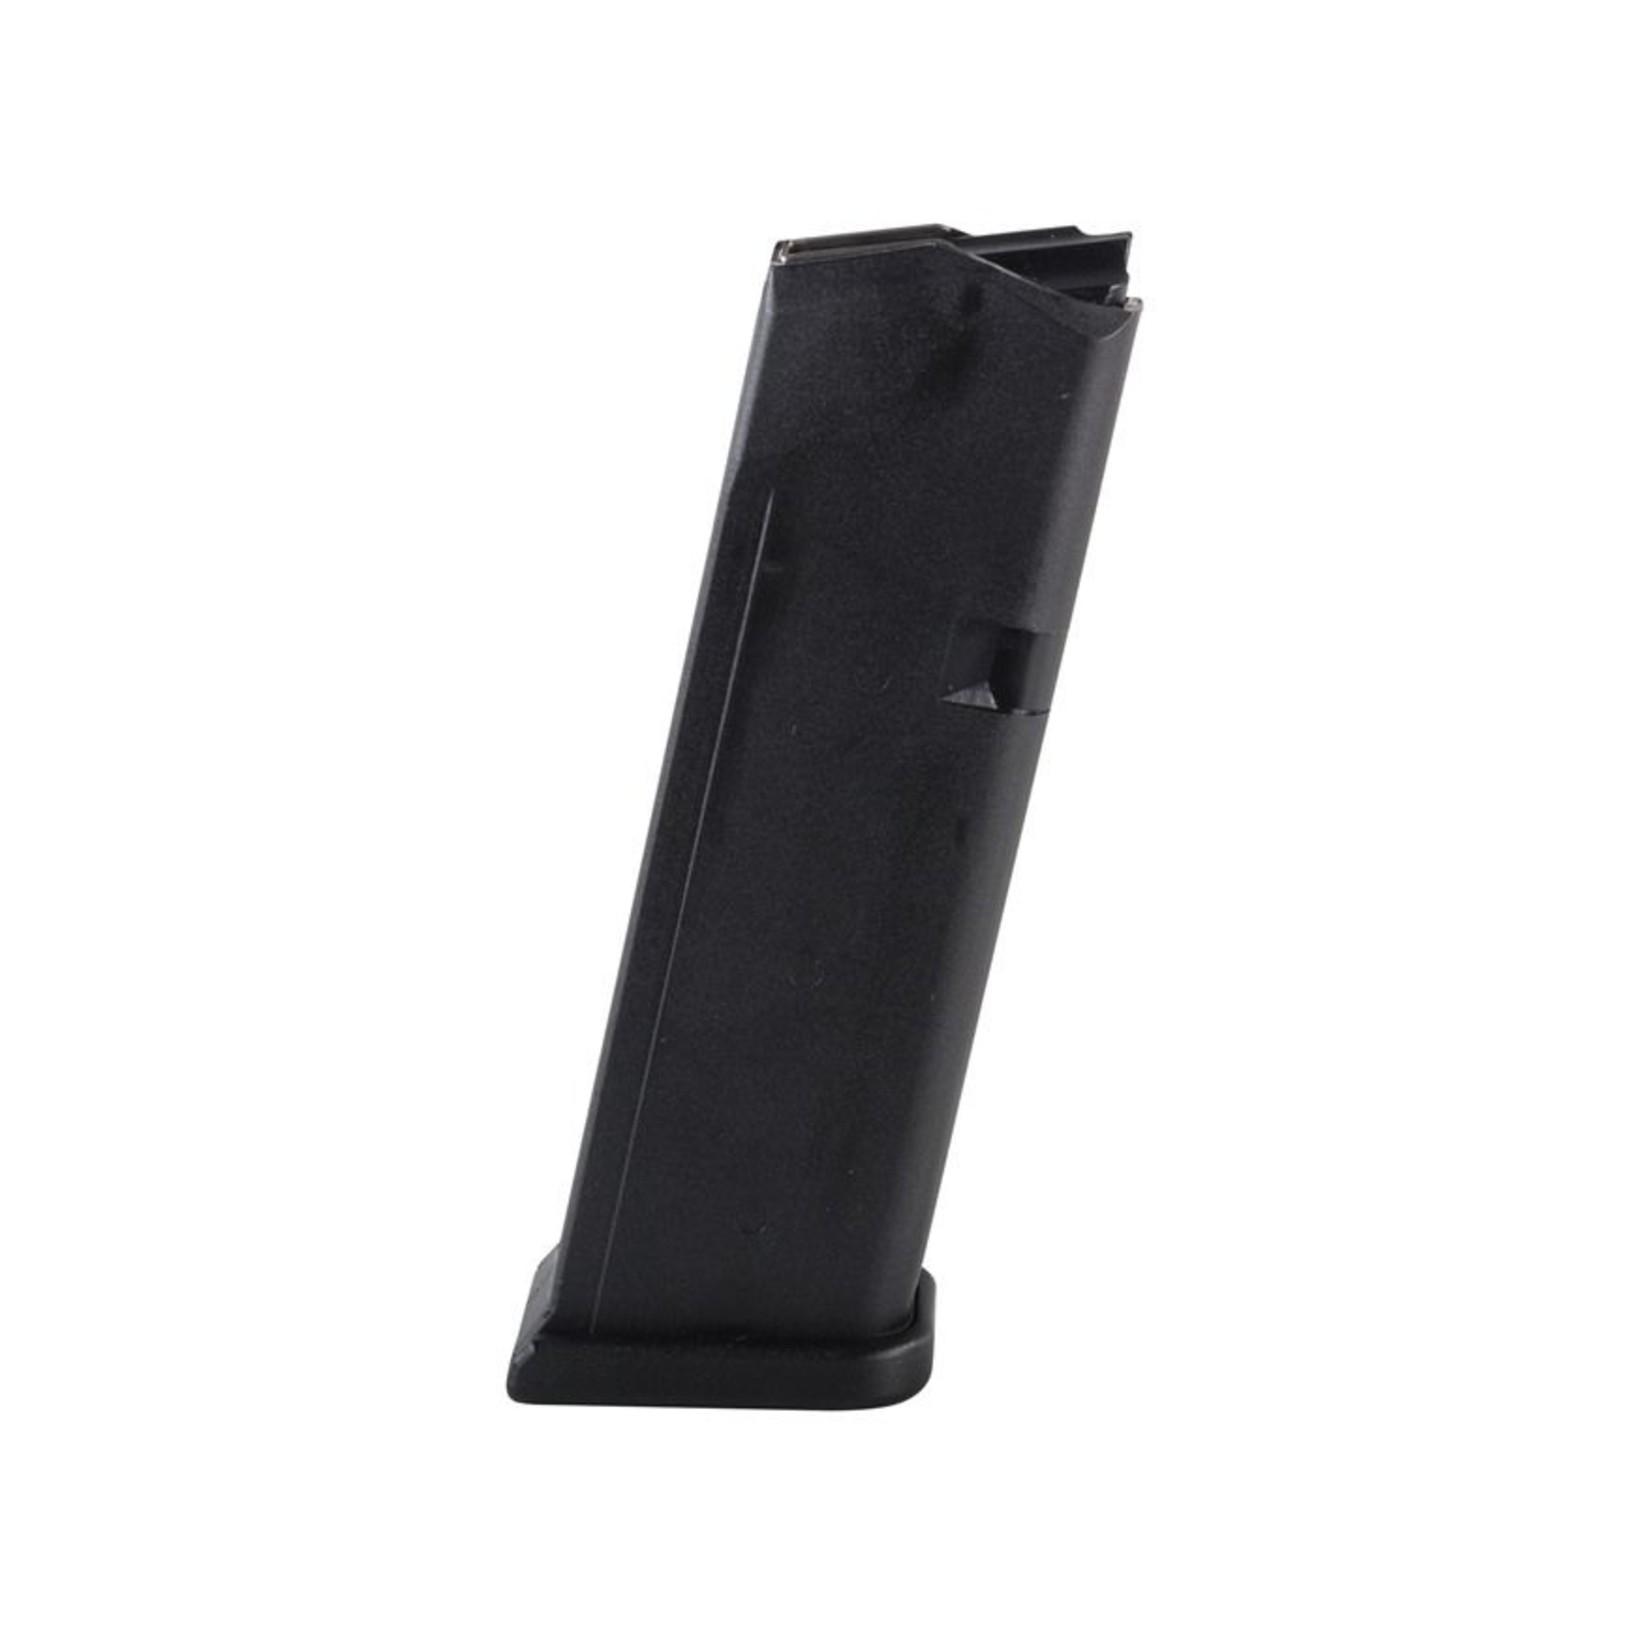 Glock Glock G17 9mm Magazine, 10-rnd